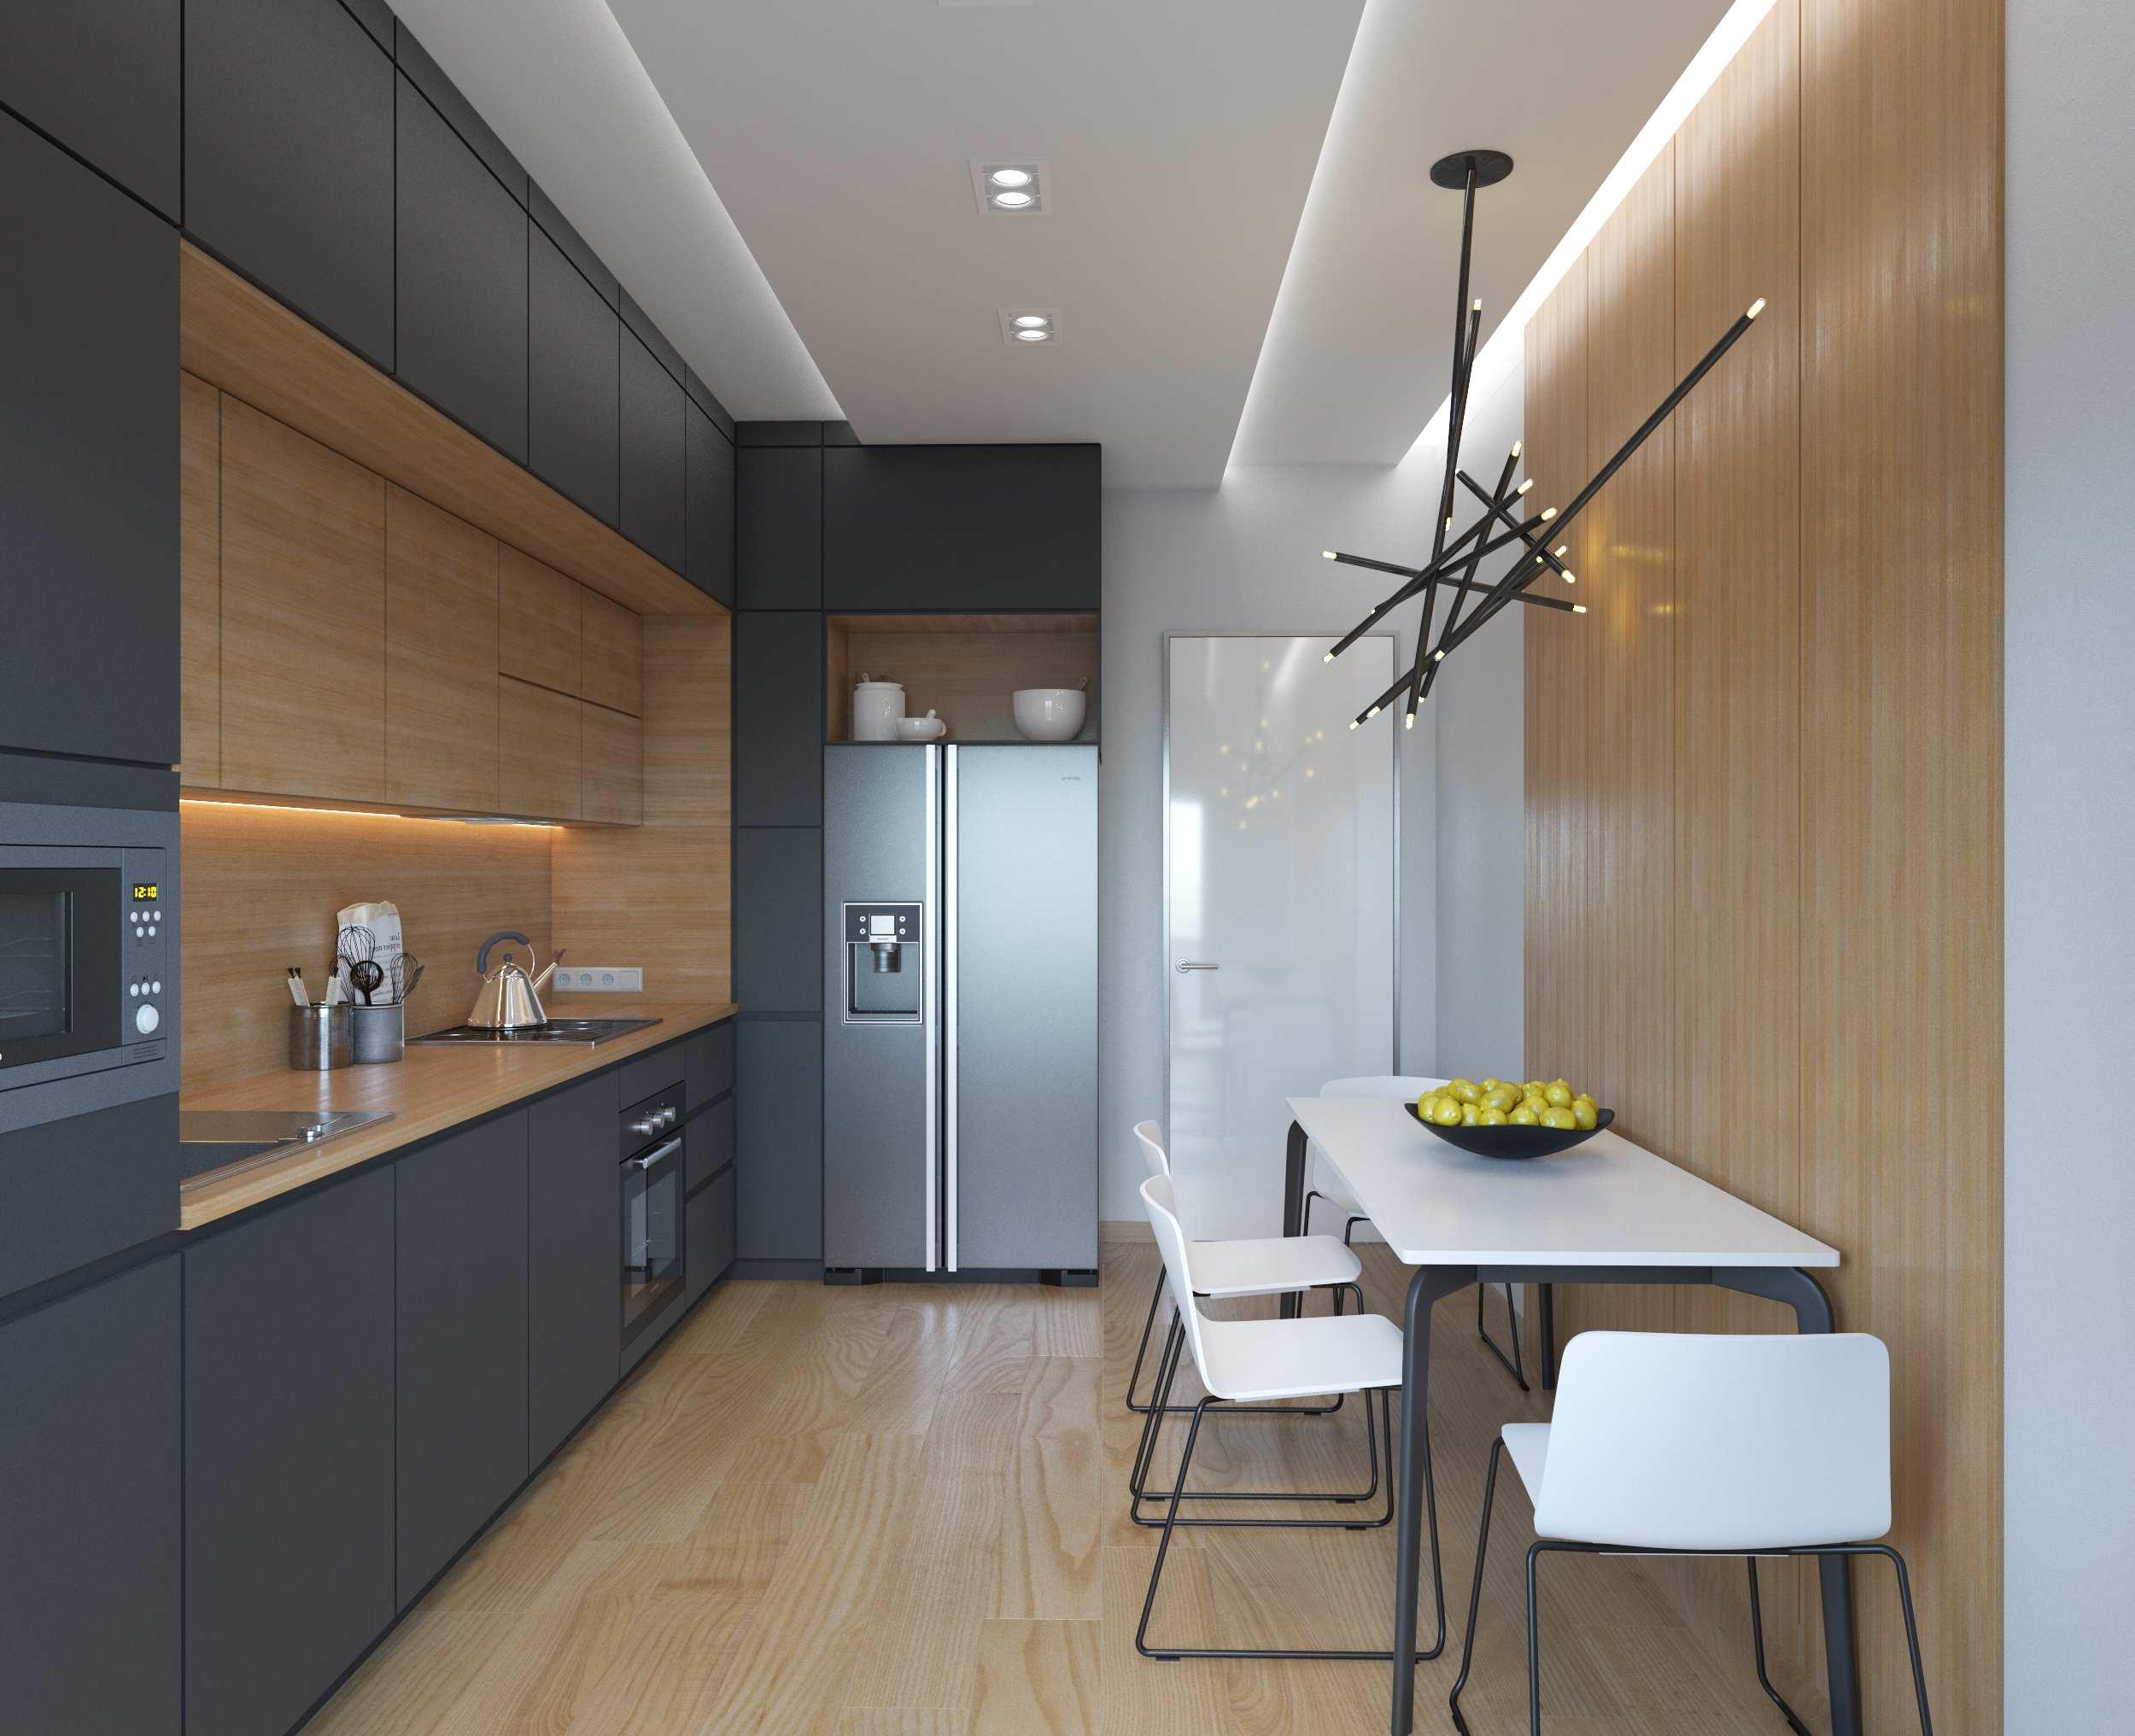 Кухня в потолок фото схема